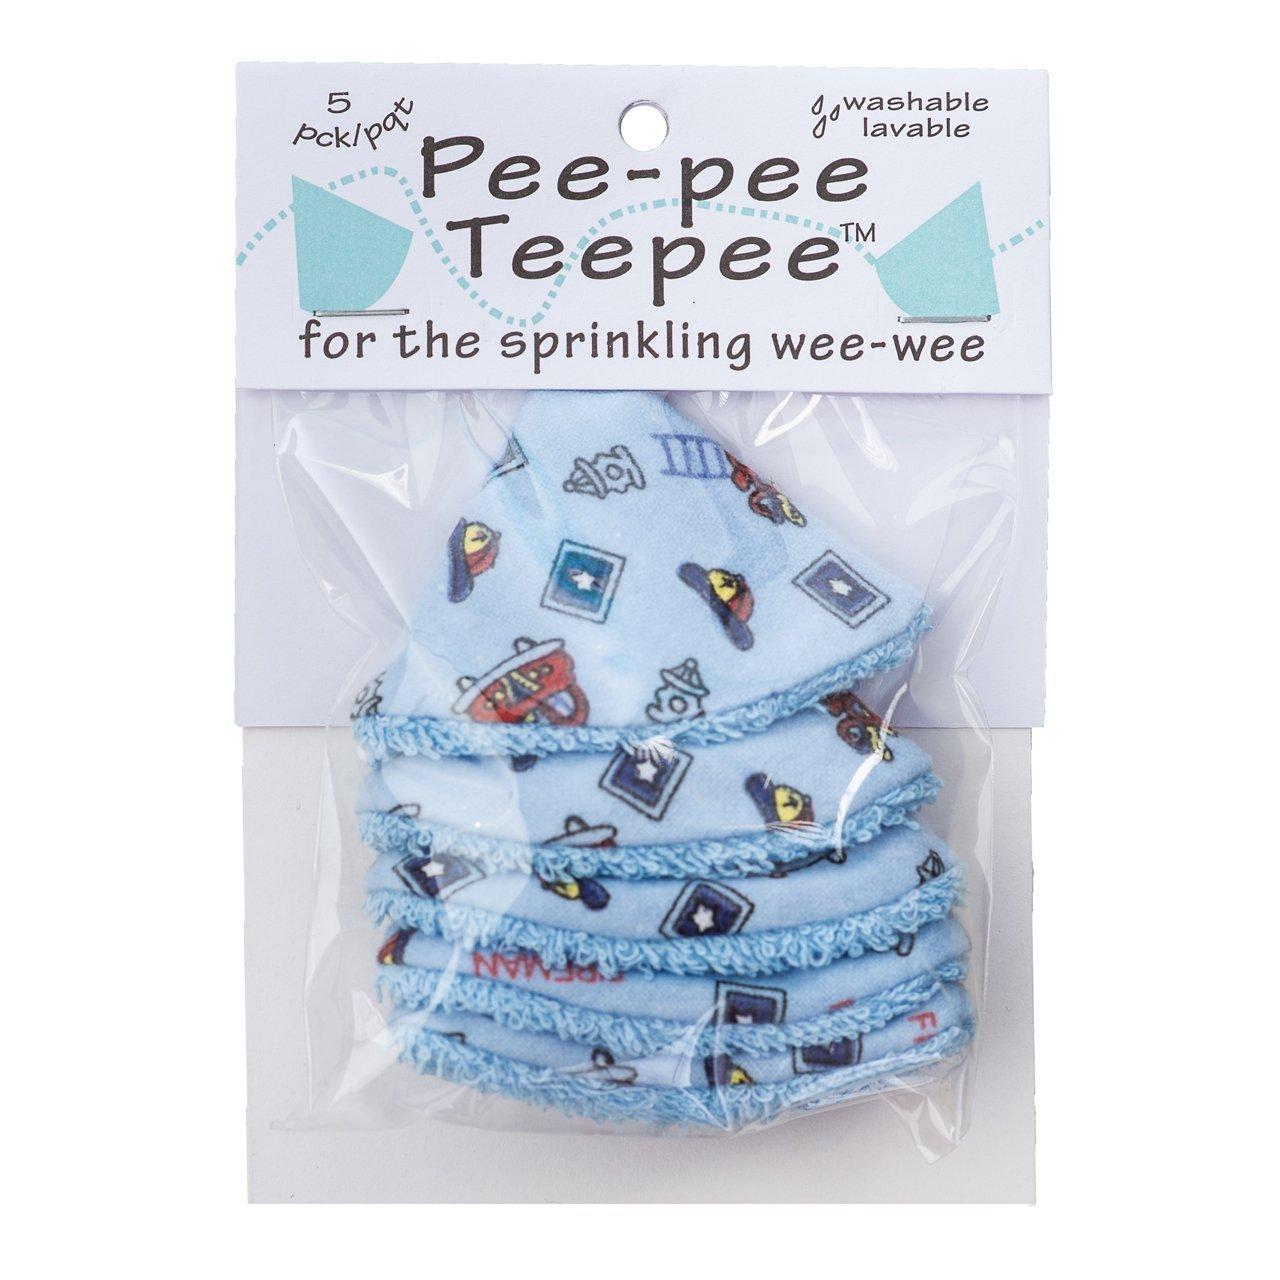 Pee-pee Teepee Firedog Blue - Cello Bag Beba Bean PT3052